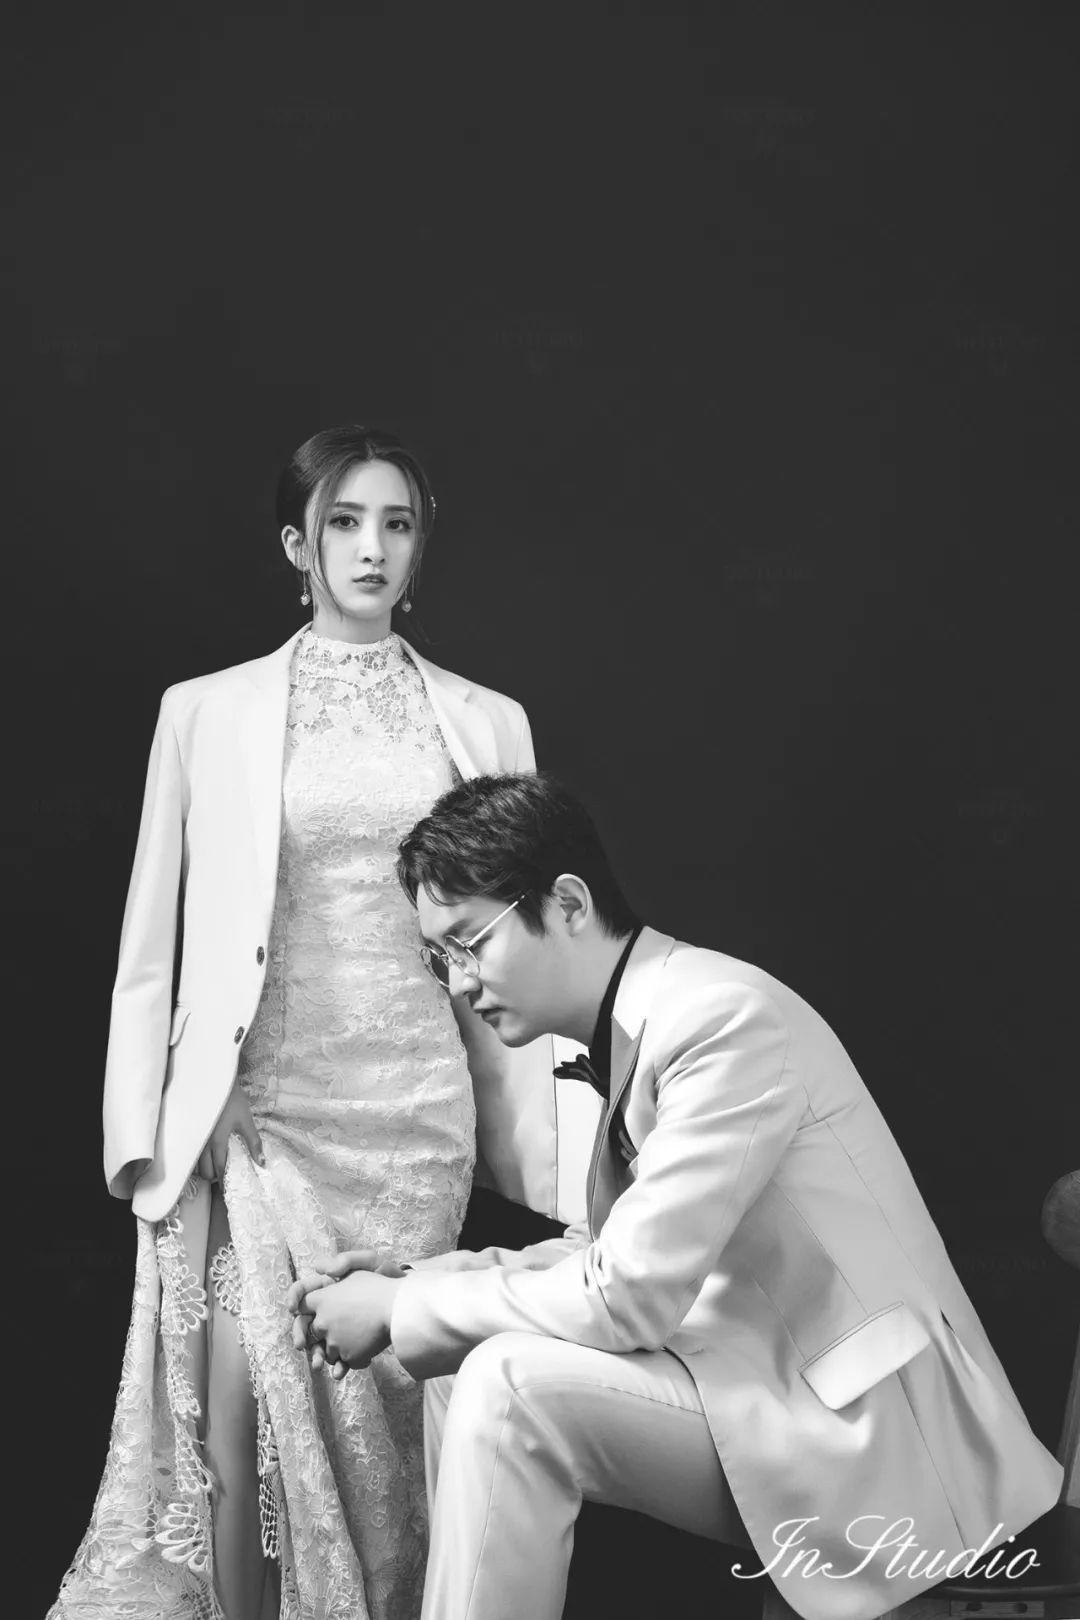 张静杨志刚的婚纱照